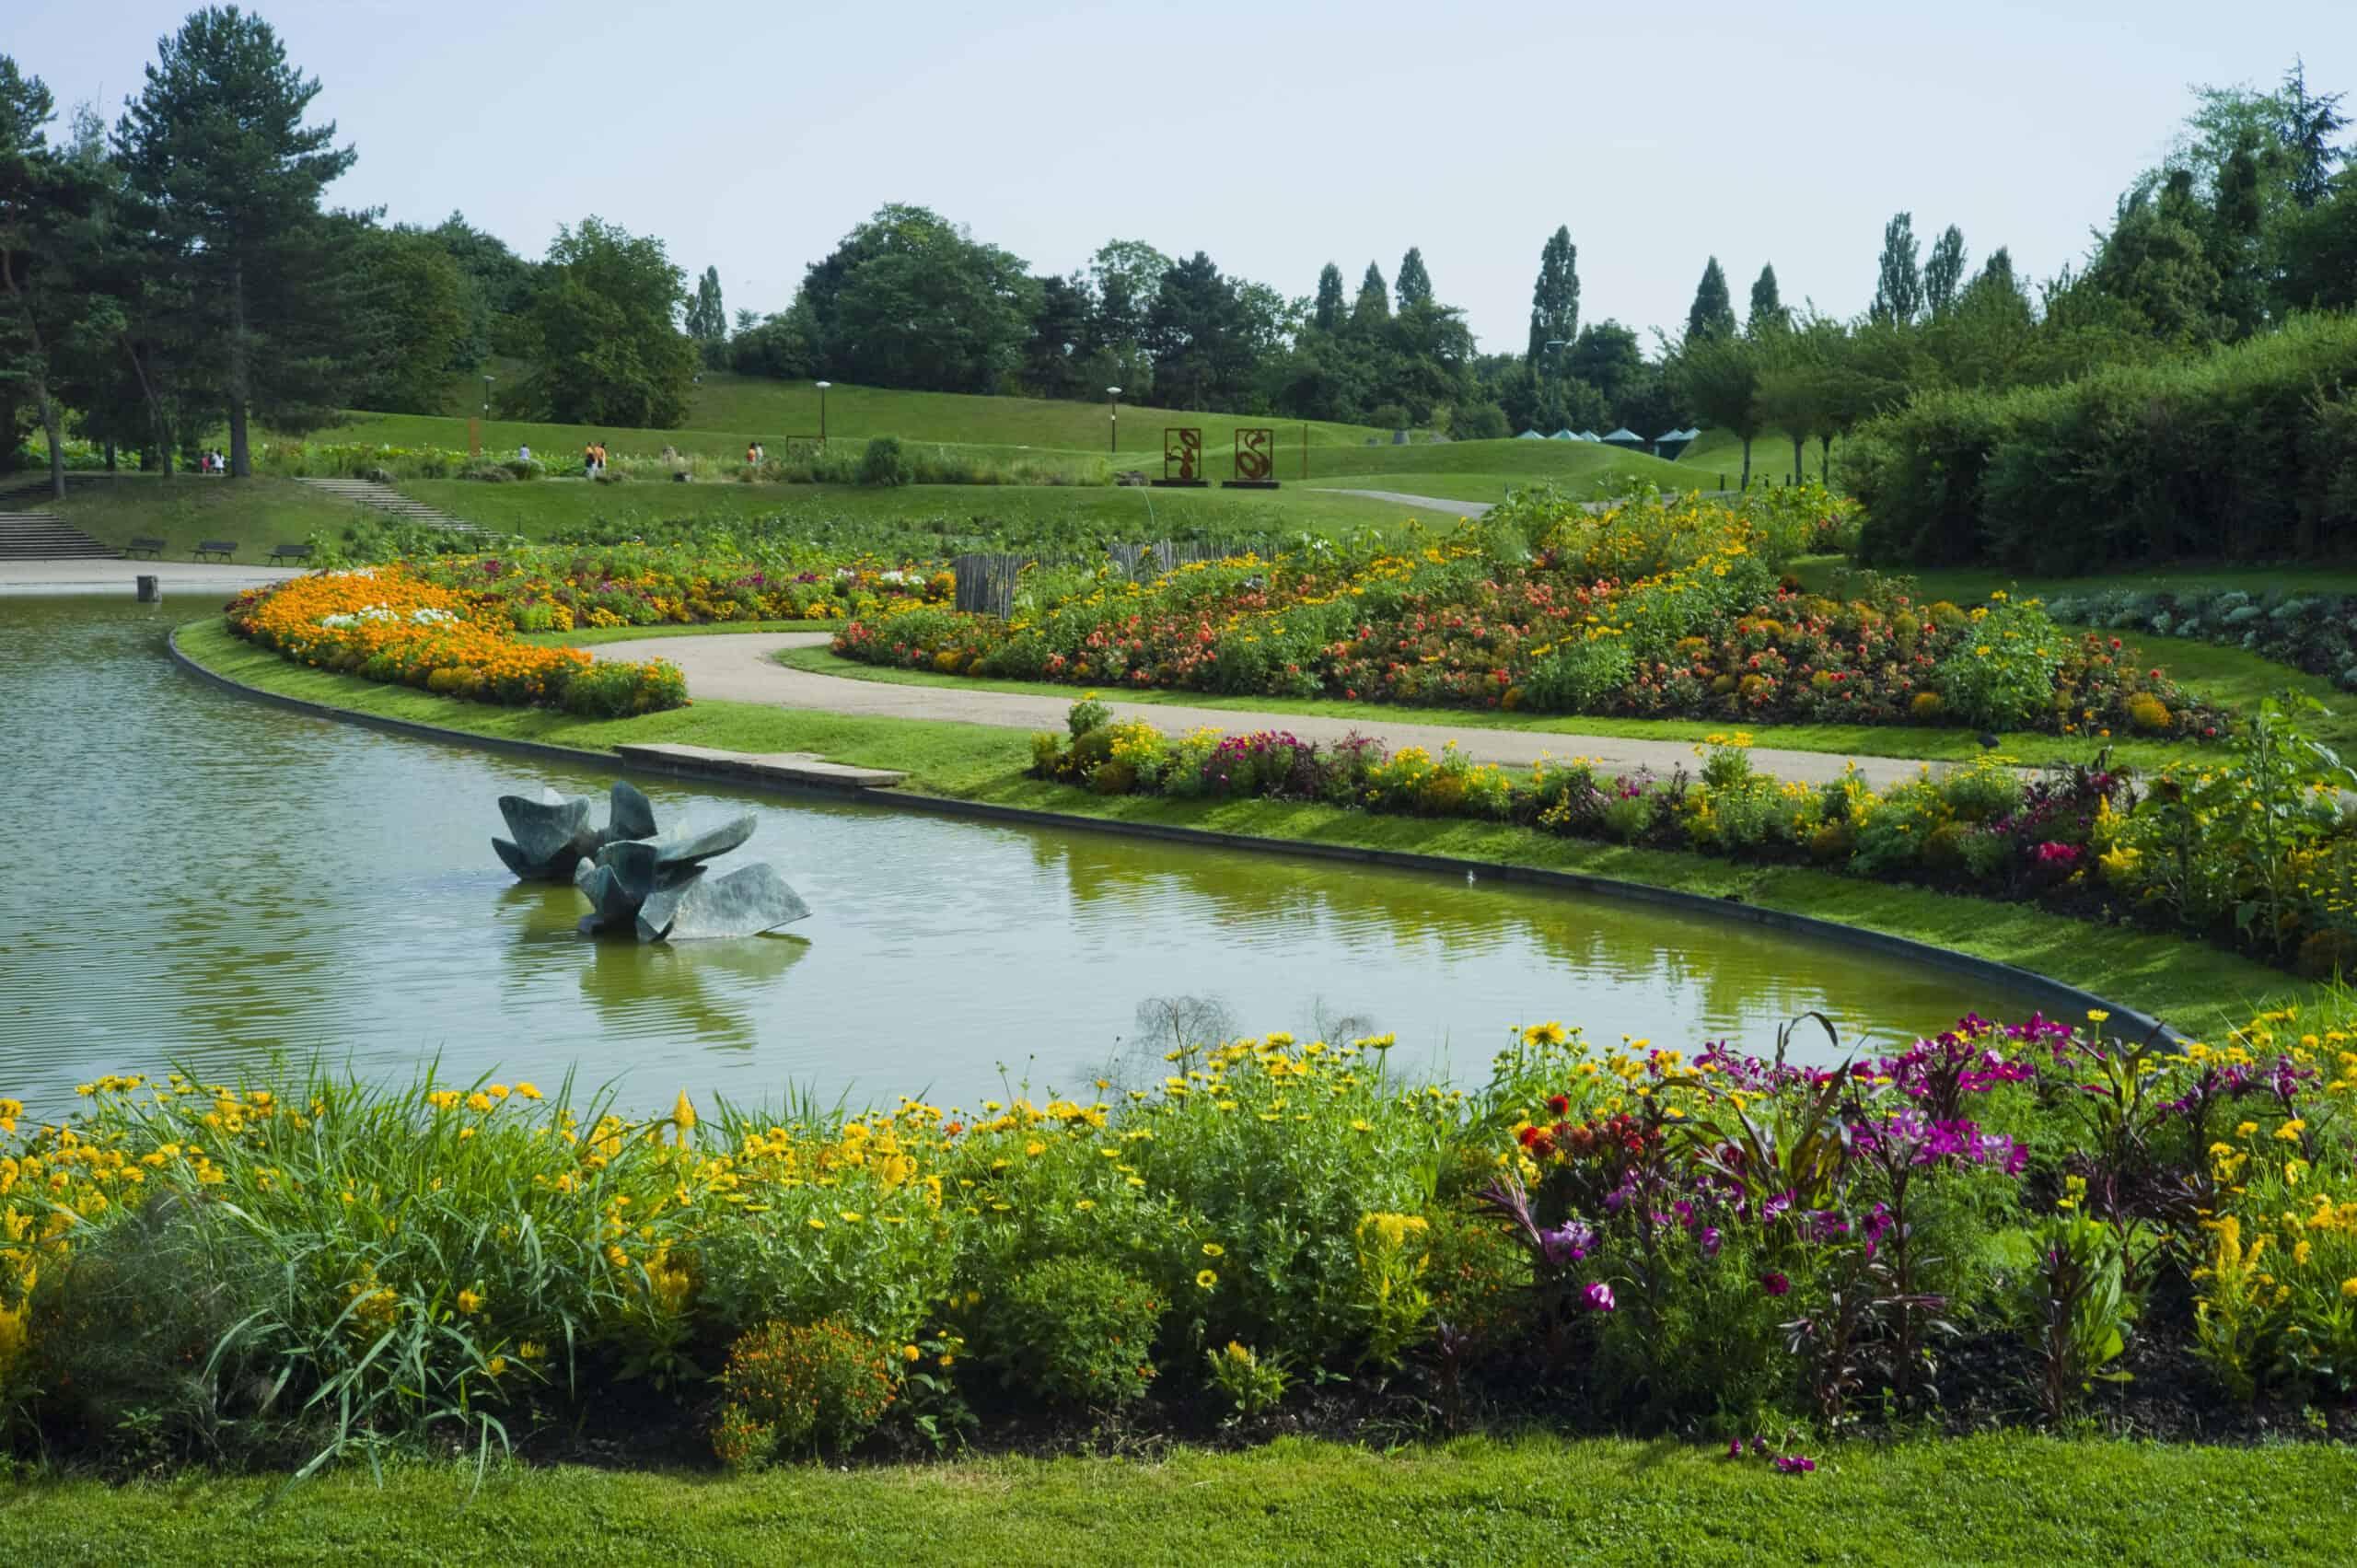 View of the landscape of Parc Floral Paris.